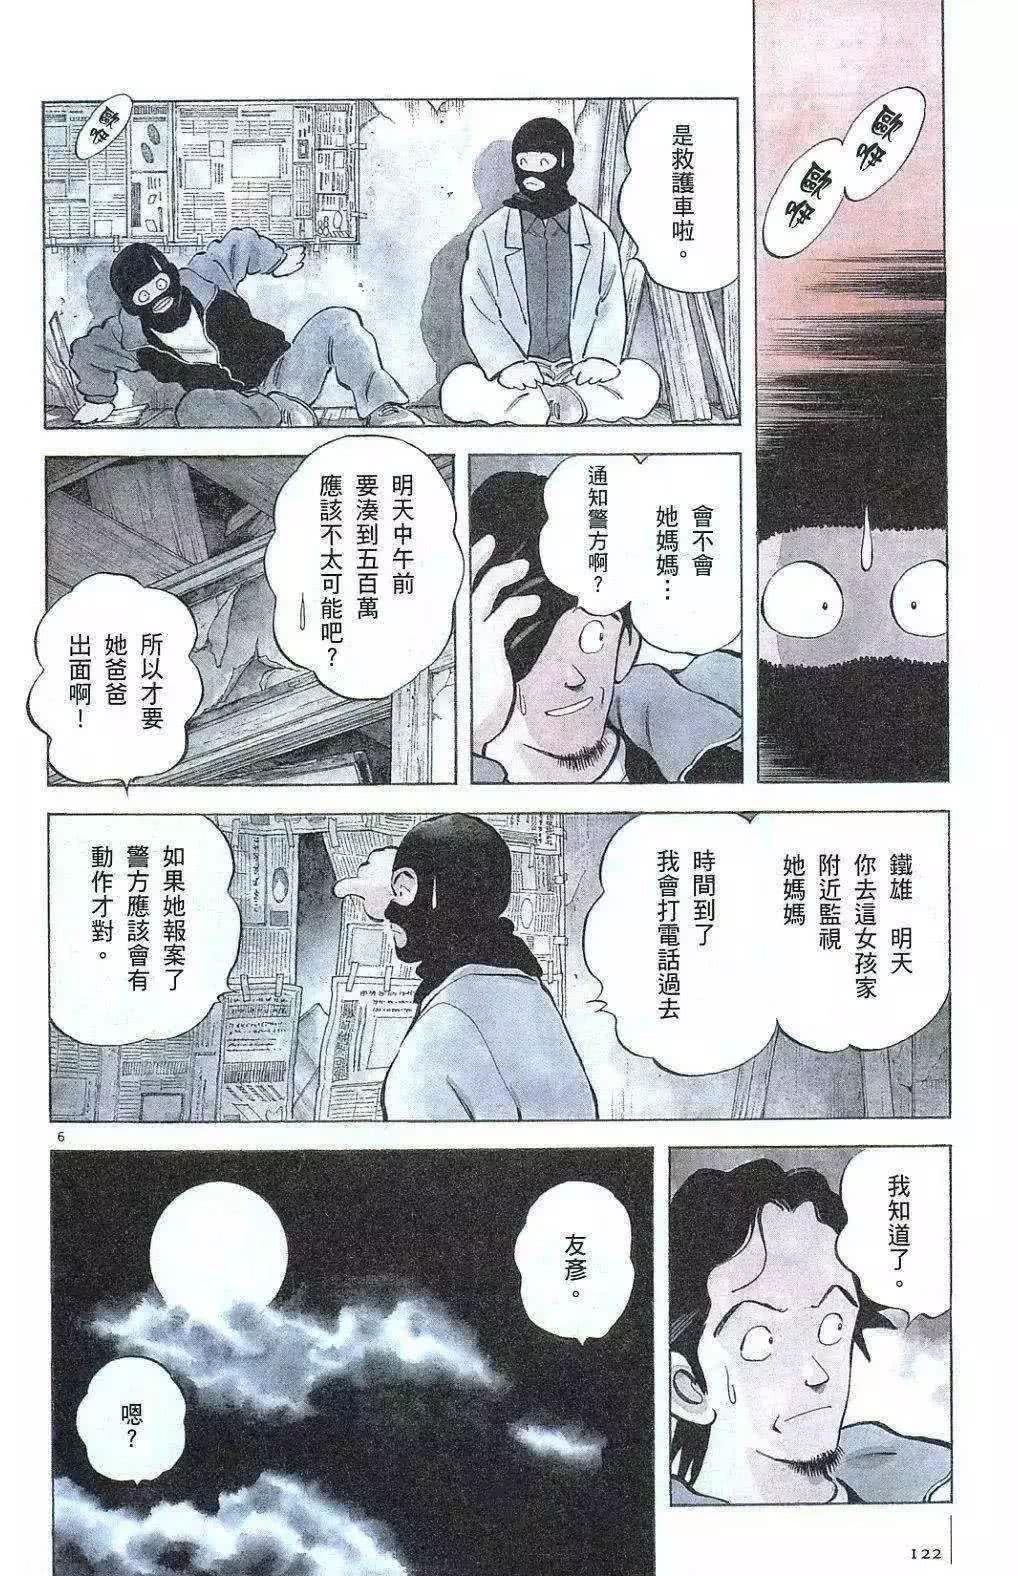 人性漫画《绑架》小女孩与绑匪的故事